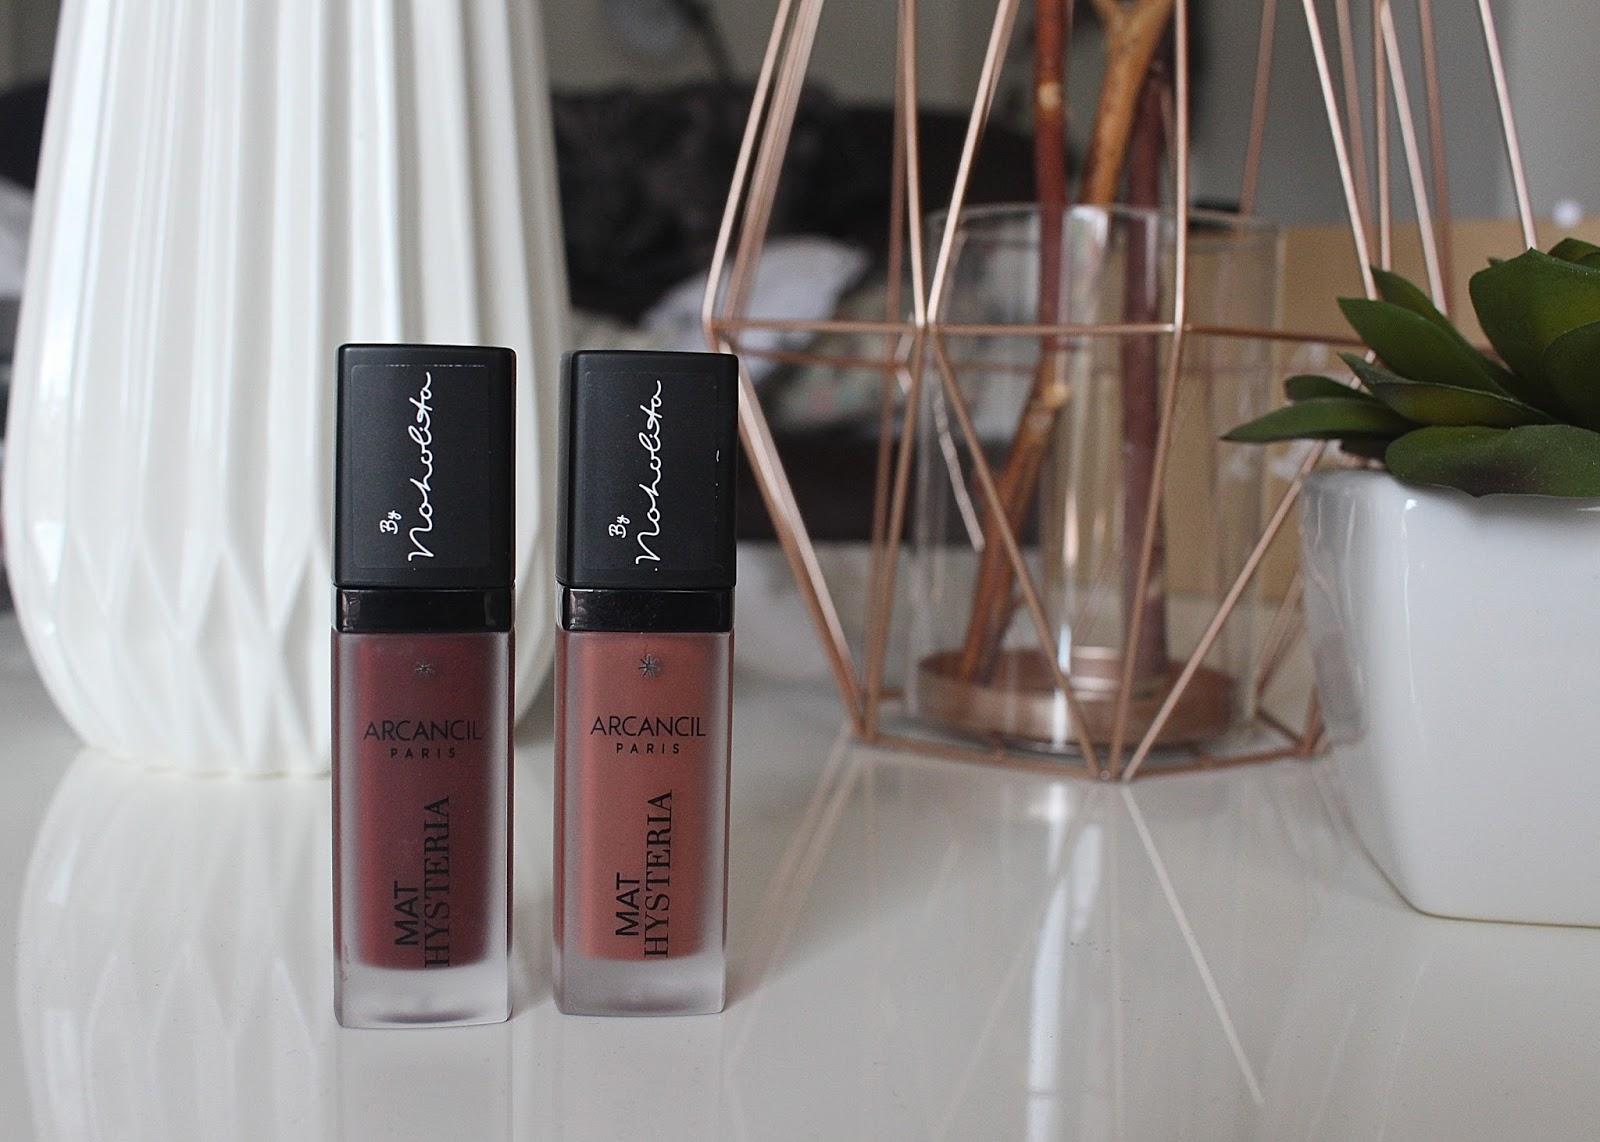 Connu Mat Hystéria d'Arcancil│Les rouge à lèvres liquides au top  DL42